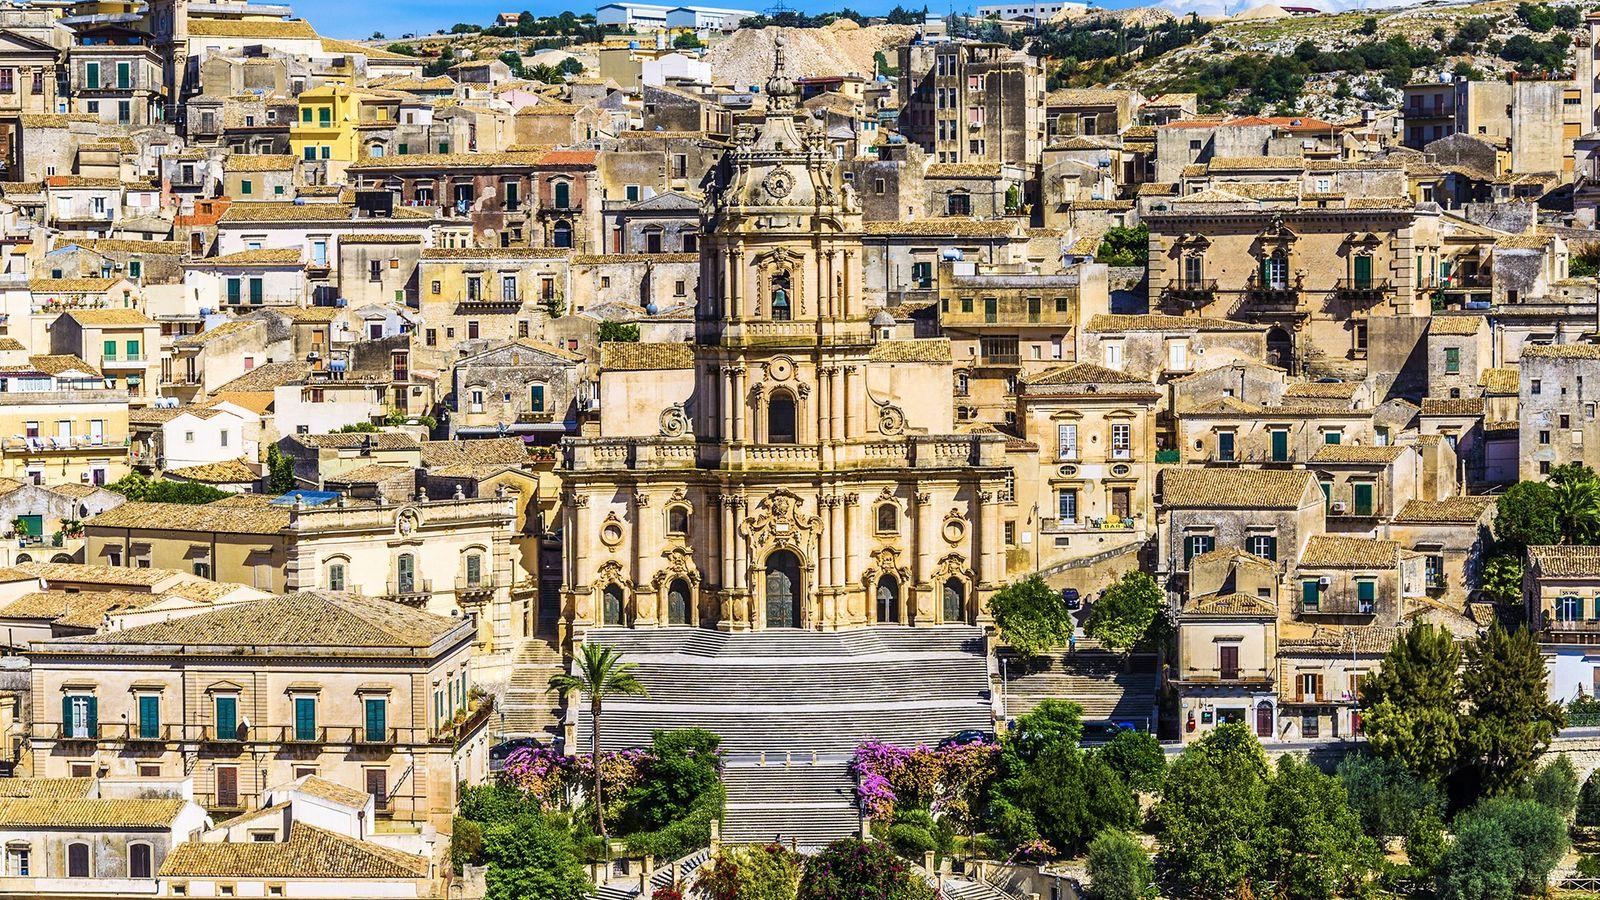 Modica im Südosten Siziliens zählt zum Unesco-Weltkulturerbe.